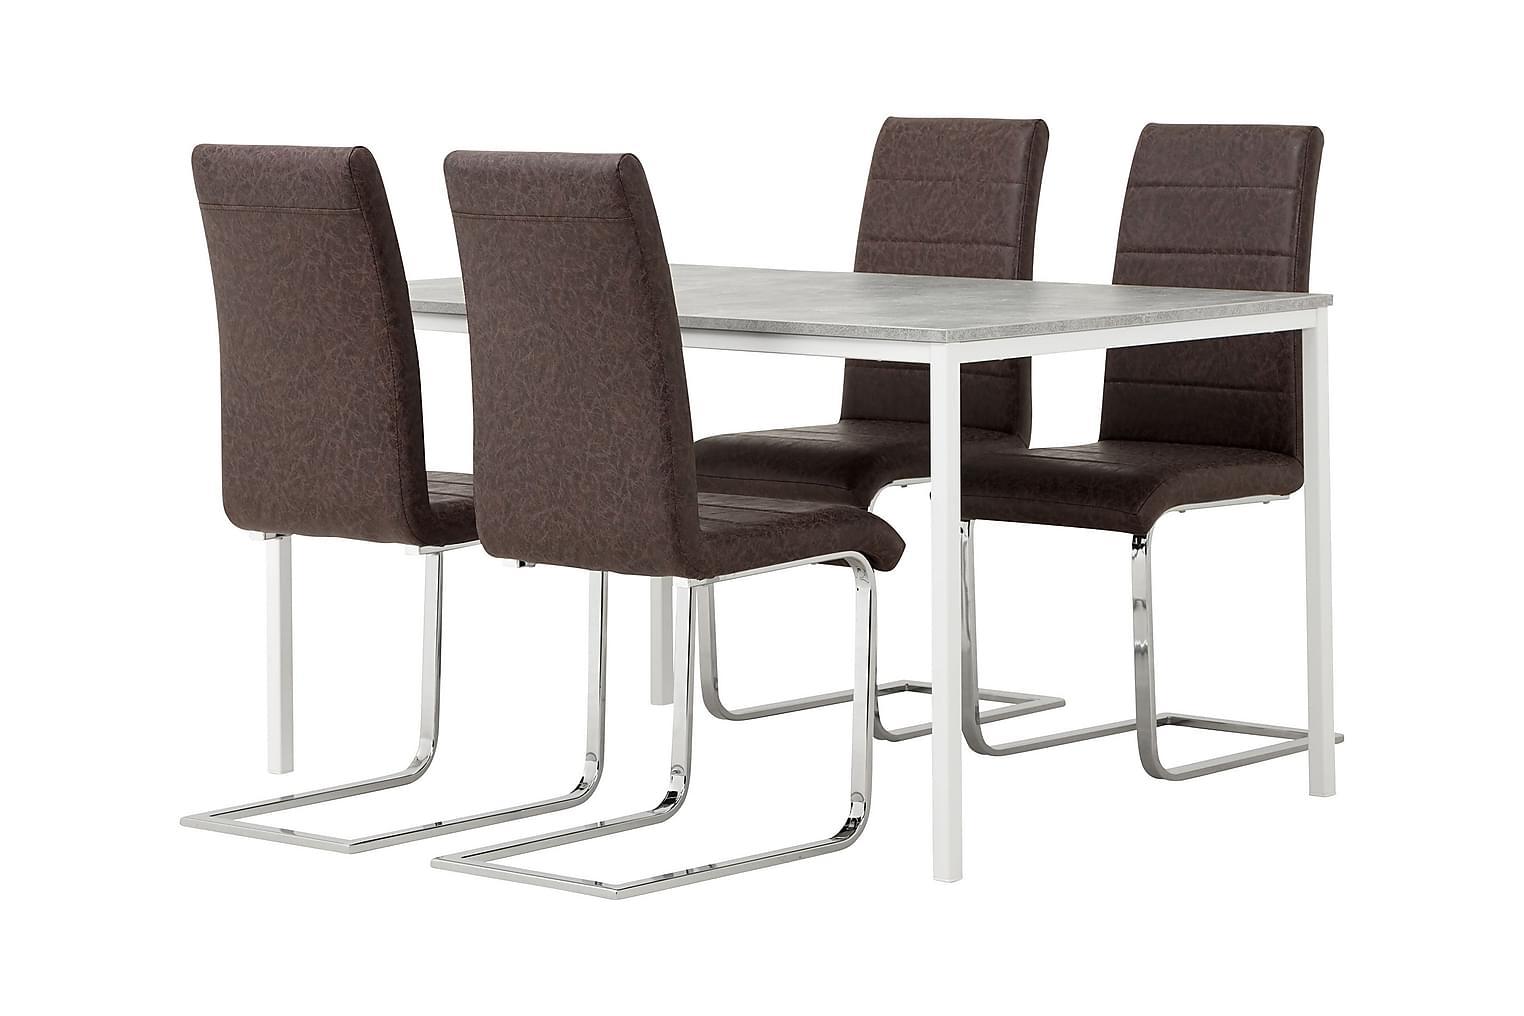 NOOMI Pöytä 138 Harmaa/valkoinen+ 4 EMÅN Tuolia Tumma Antiik